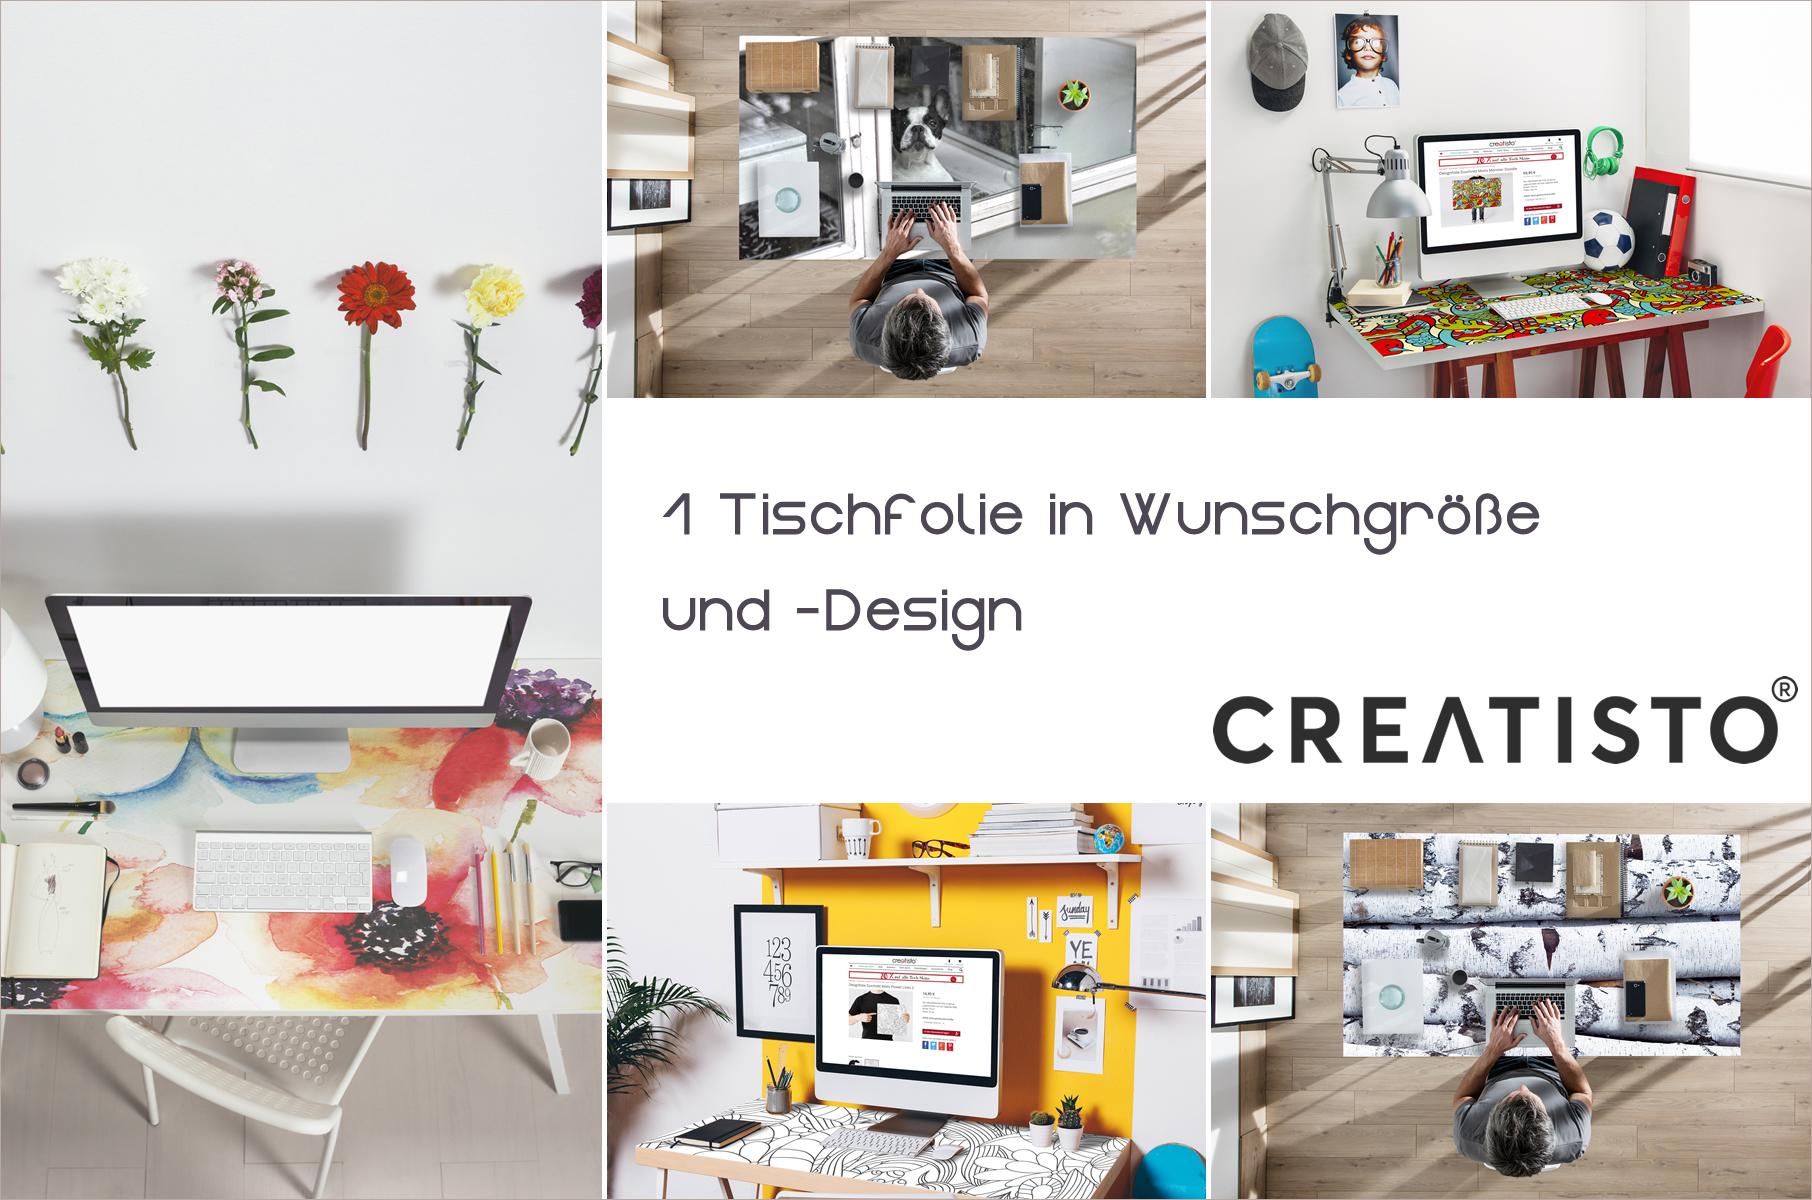 Gewinnt eine Tischfolie von Creatisto | A Little Fashion Geburtstagssause #1 | https://www.filizity.com/diy/alittlefashion-geburtstagssause-giveaway-1